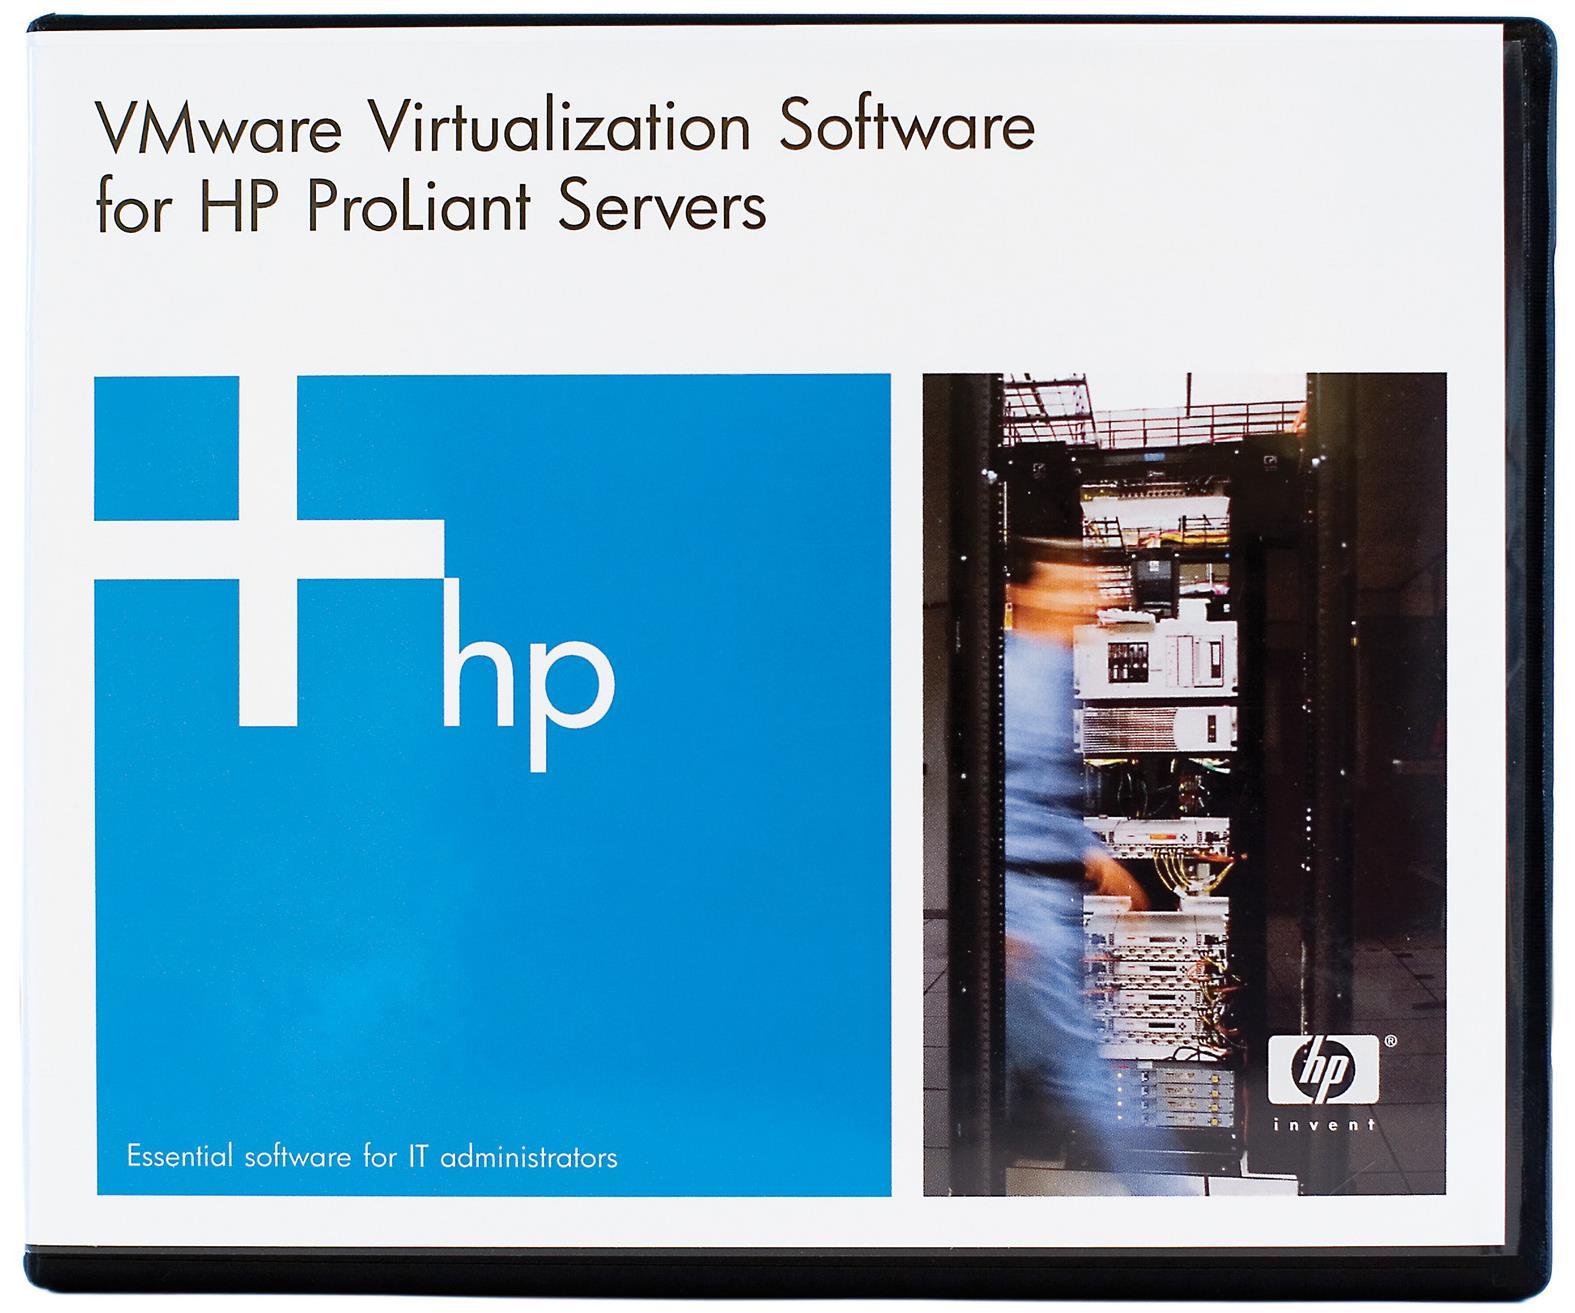 HP VMware vSphere 2xEnterprise Plus 1 Processor with Insight Control 3 Year E-LTU